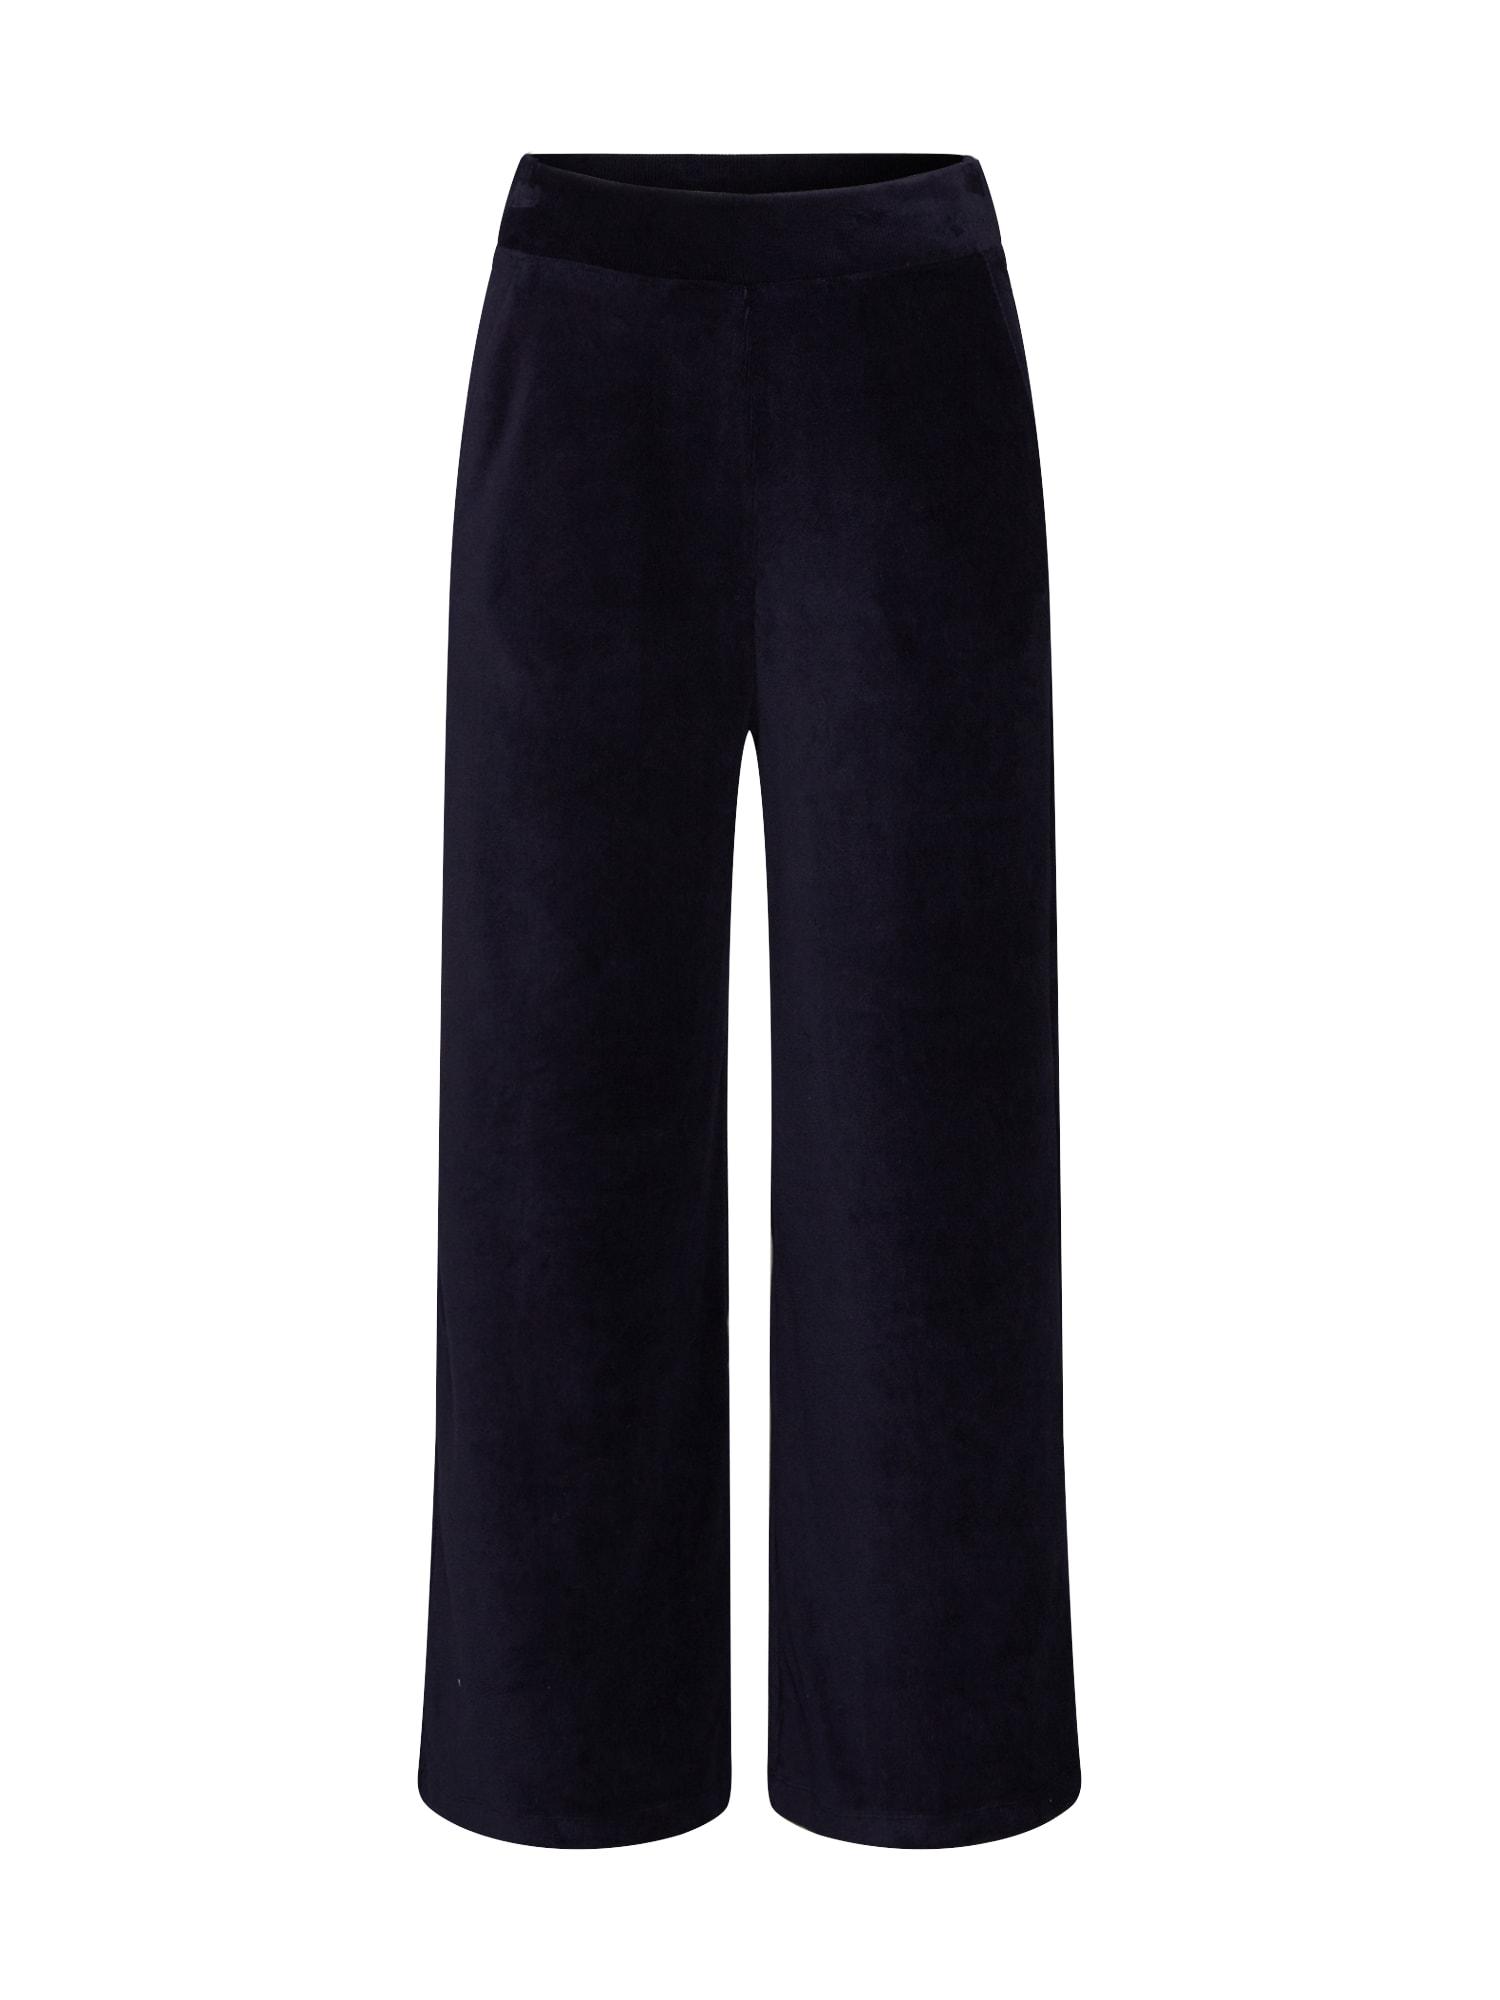 ESPRIT Pižaminės kelnės tamsiai mėlyna